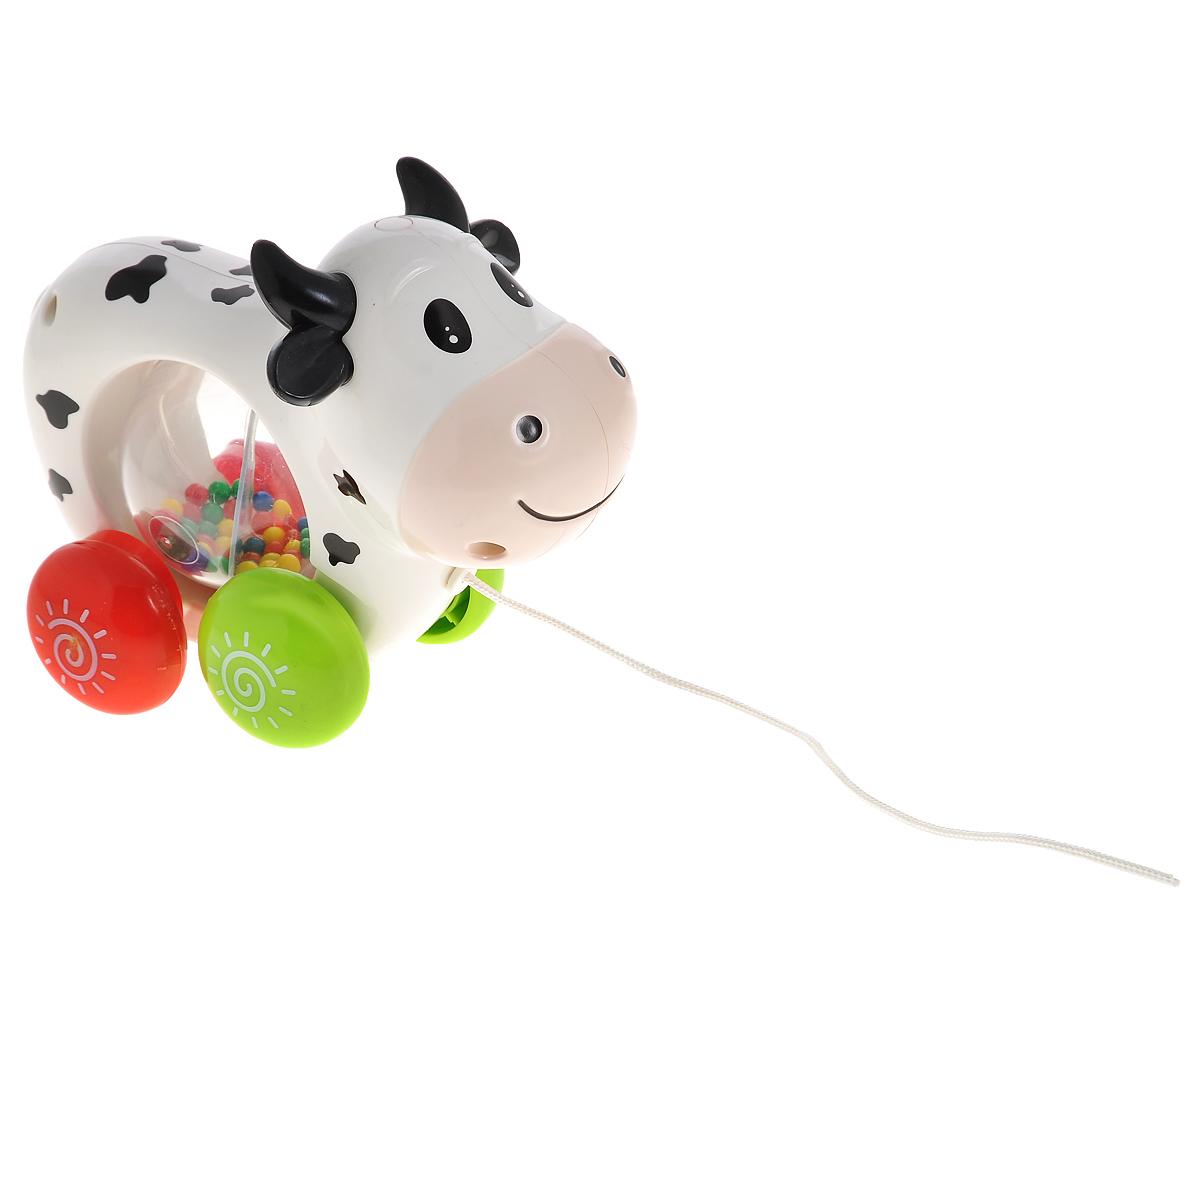 Малышарики Развивающая игрушка Питомец КороваMSH0303-018Развивающая игрушка Малышарики Питомец Корова поможет малышу ближе познакомиться с миром звуков. Игрушка развивает мелкую моторику и слуховое восприятие. Изделие выполнено в ярком дизайне из безопасных материалов. С первых месяцев жизни малыш начинает интересоваться яркими, подвижными предметами, ведь они являются его главными помощниками в изучении нашего удивительного мира. Забавная игрушка поможет малышу научиться фокусировать внимание. Стоит потянуть игрушку за веревочку и малыш услышит забавную песню и мычанье коровы. В центре питомца располагается прозрачная сфера с разноцветными шариками внутри, которые при движении издают гремящий звук. Рекомендуется докупить 3 батарейки напряжением 1,5V типа АG13 (товар комплектуется демонстрационными).